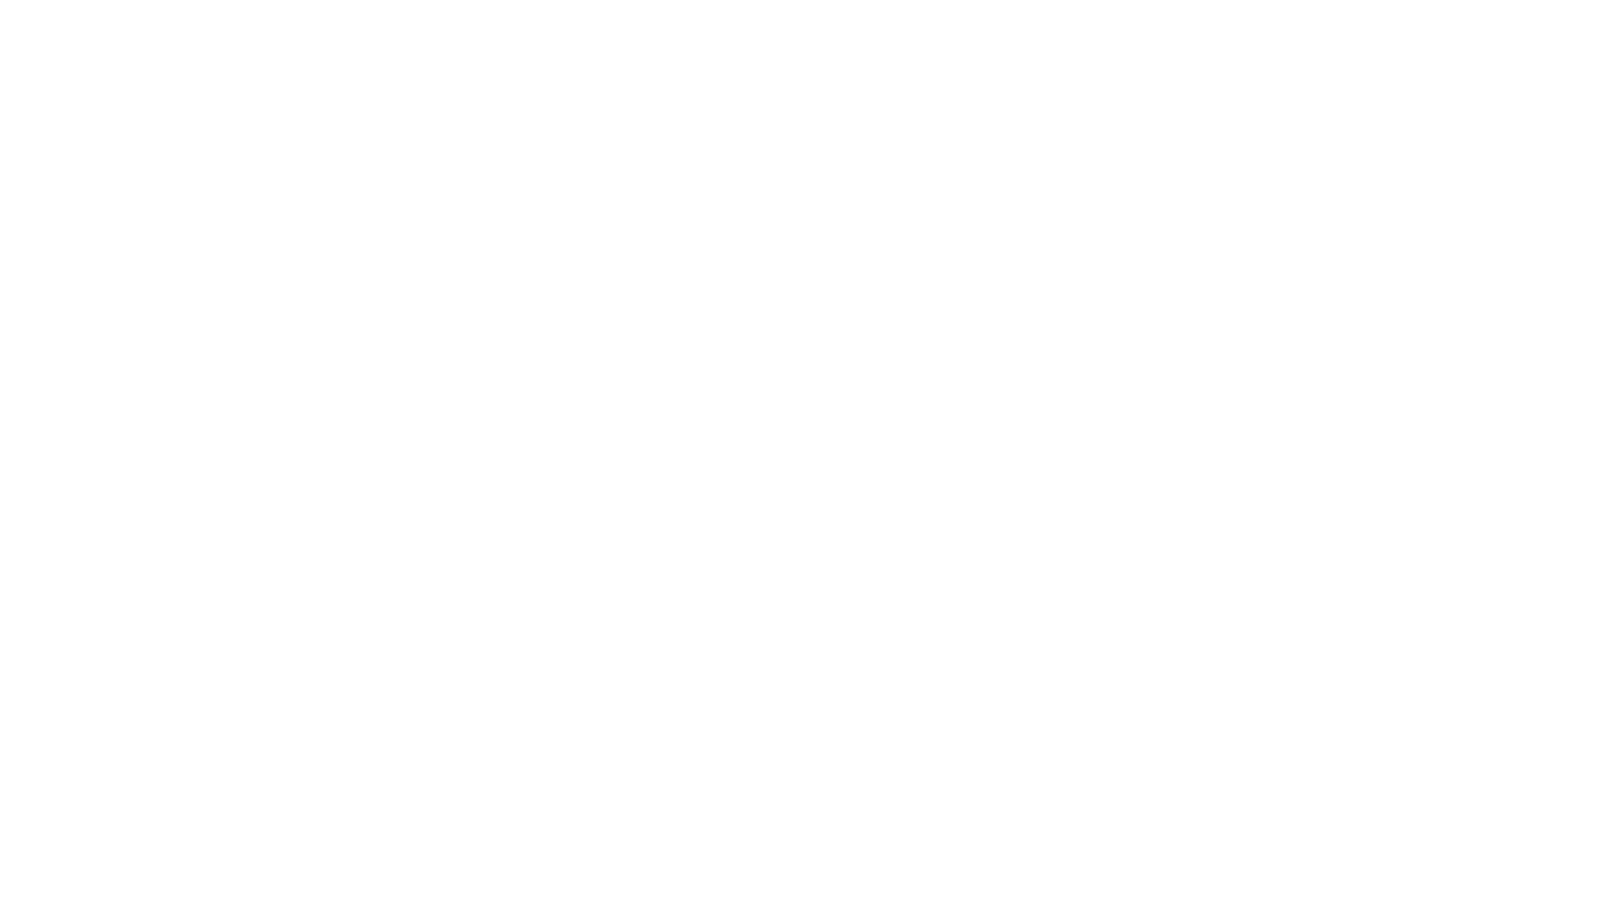 סרטון אחד מבין סדרת סרטונים שהפקנו עברו שימי שגב המקסים והמוכשר תענוג לראות אנשי מקצוע שעסוקים ביצירה ופועלים מכל הלב  רוצים גם סרטון בסגנון הזה עבור העסק שלכם מוזמנים לבקר באתרנו https://www.product-tv.co.il